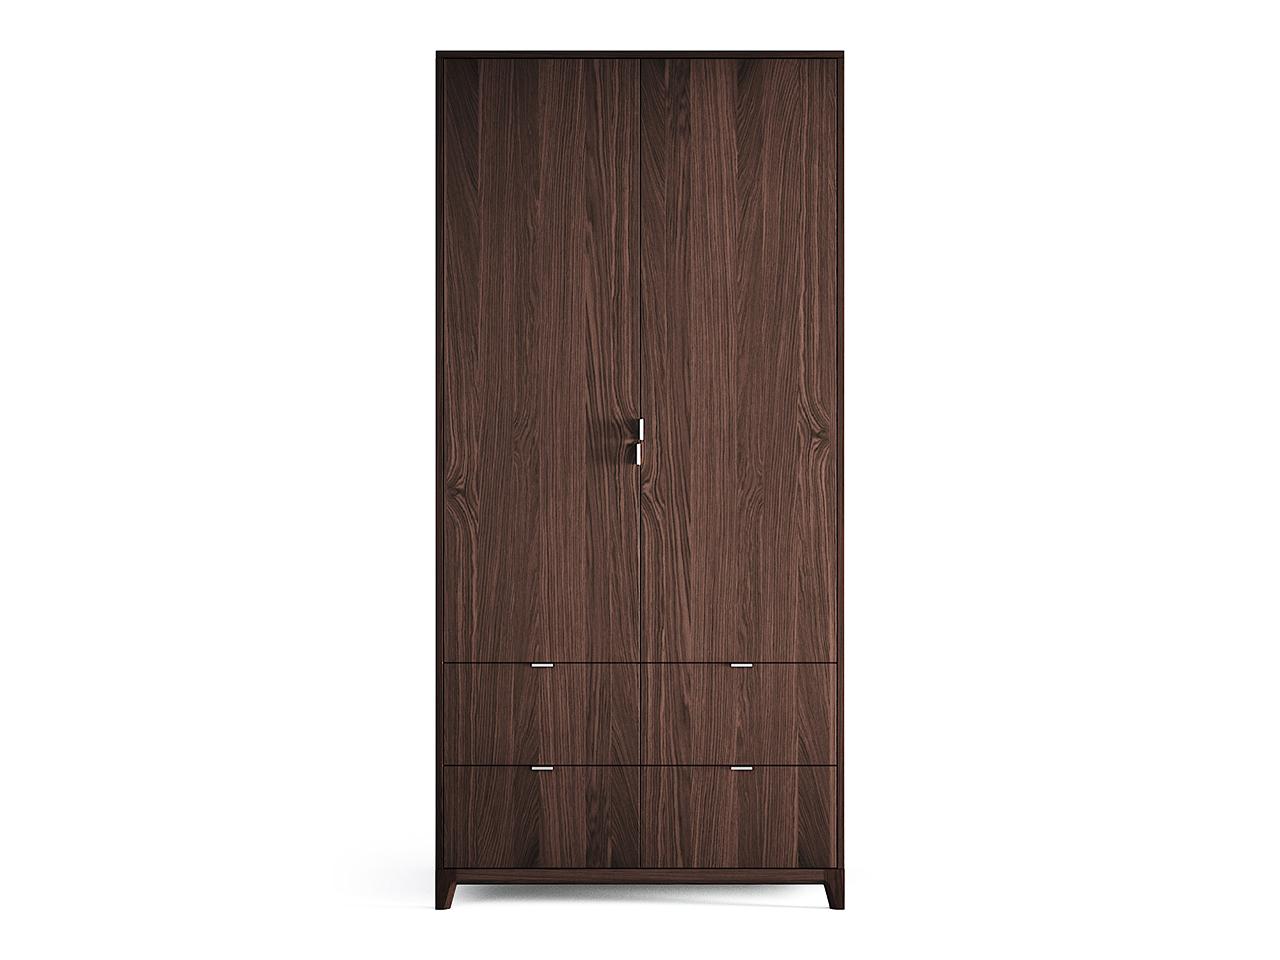 Шкаф Case №4 (темный)Платяные шкафы<br>Компактный шкаф CASE №4 сочетает в себе продуманную структуру и современный дизайн впишется даже в самое небольшое уютное помещение.В новом варианте предлагаются ящики с внешними фасадами, а также обновленное наполнение шкафов. Внутри комфортно расположены полки и штанги для вешалок, сплошная перфорация позволяет устанавливать полки в удобном положении.&amp;lt;div&amp;gt;&amp;lt;br&amp;gt;&amp;lt;/div&amp;gt;&amp;lt;div&amp;gt;Материал: массив дуба, МДФ, ДСП, эмаль, лак&amp;lt;br&amp;gt;&amp;lt;/div&amp;gt;<br><br>Material: Дуб<br>Ширина см: 100.0<br>Высота см: 210.0<br>Глубина см: 60.0